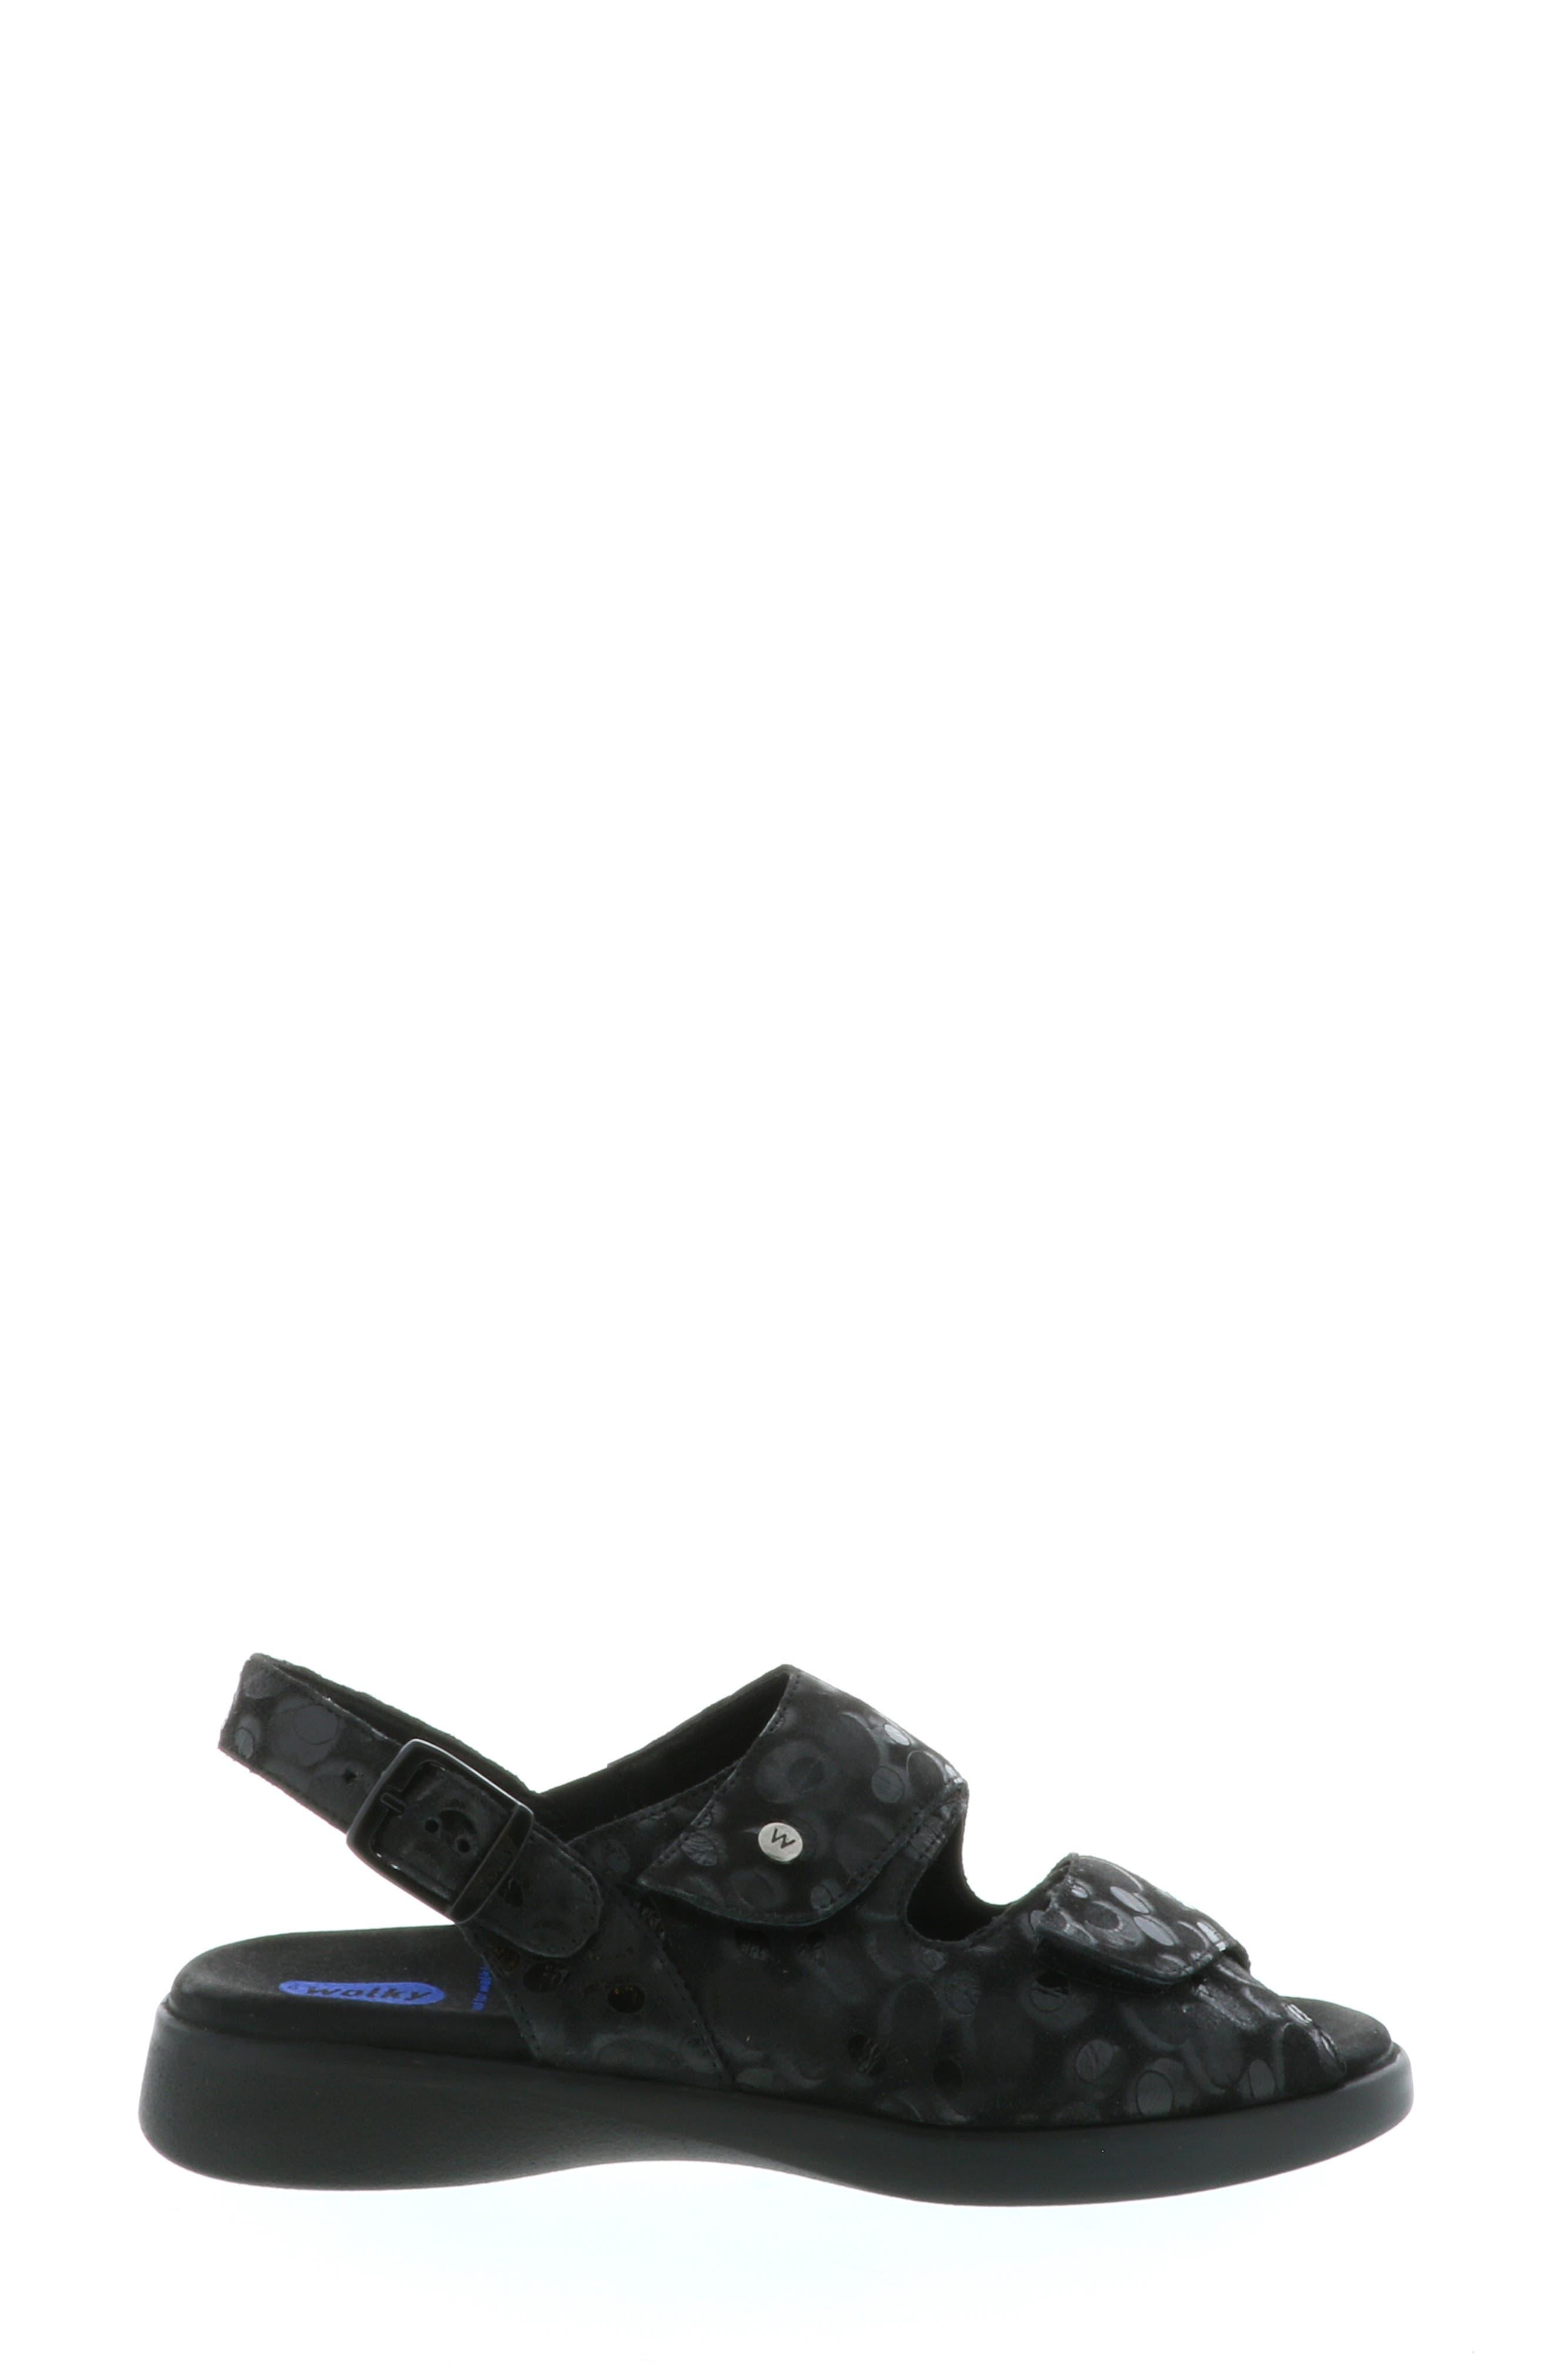 Nimes Sandal,                             Alternate thumbnail 3, color,                             BLACK